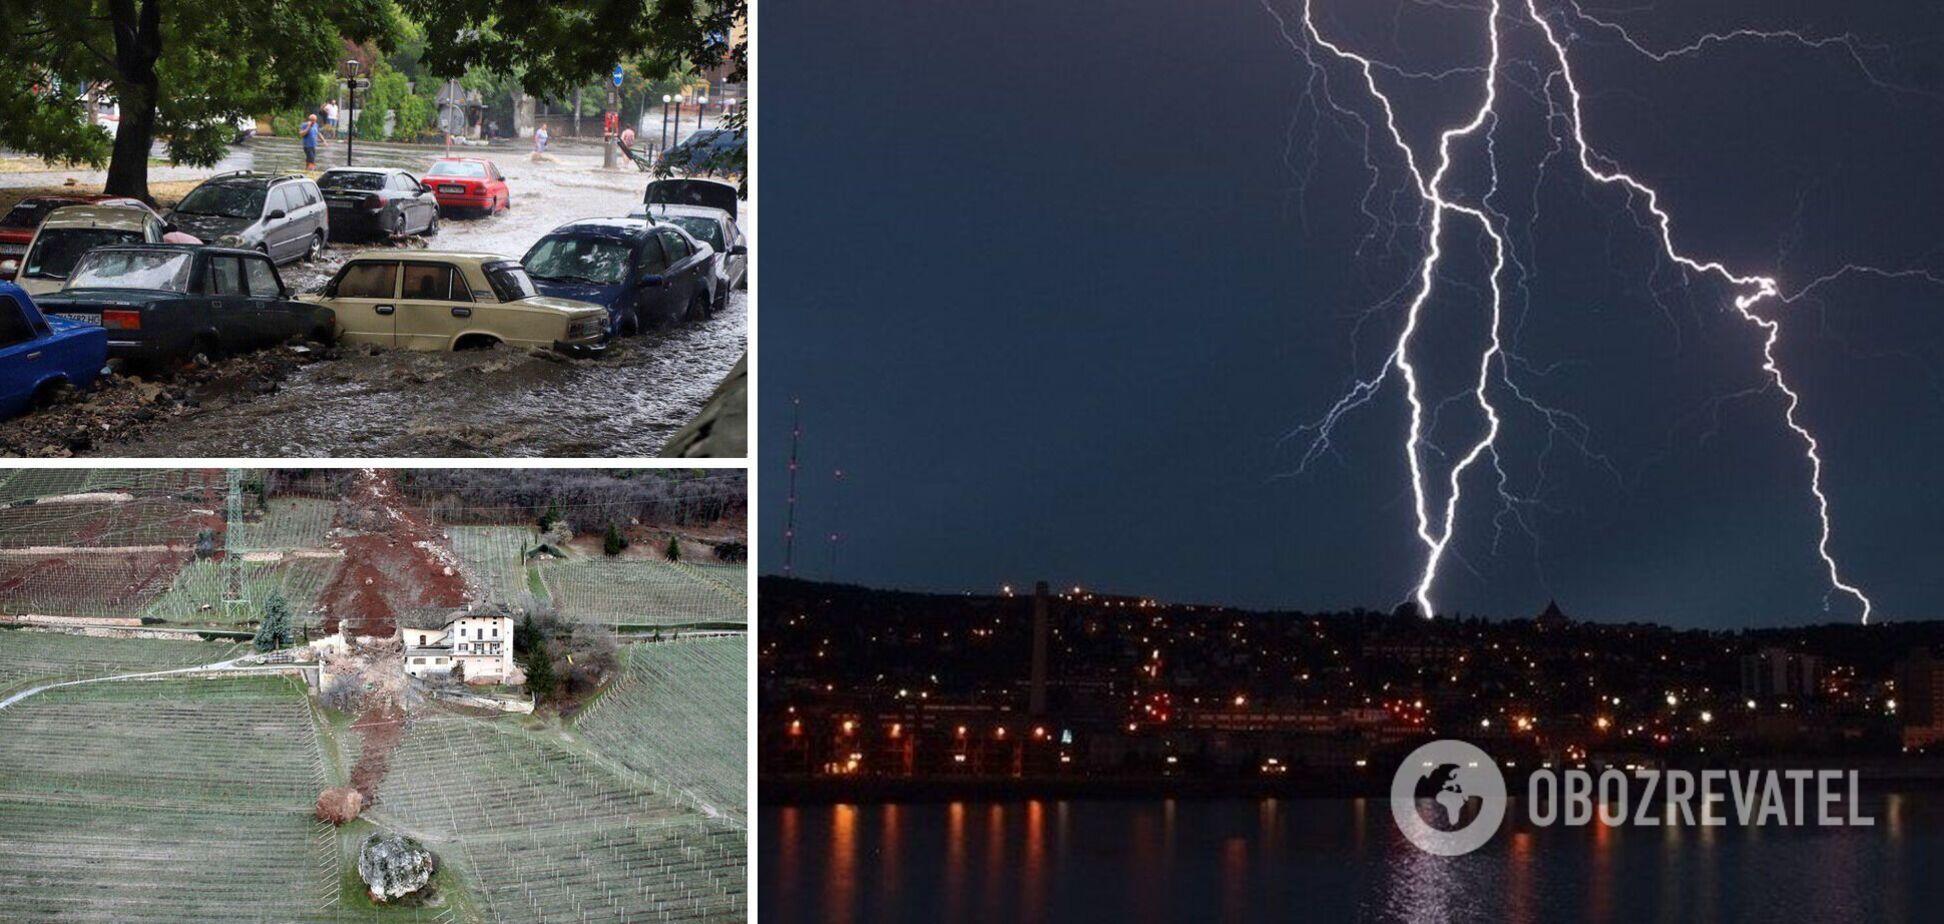 Люди опублікували фото після стихійного лиха